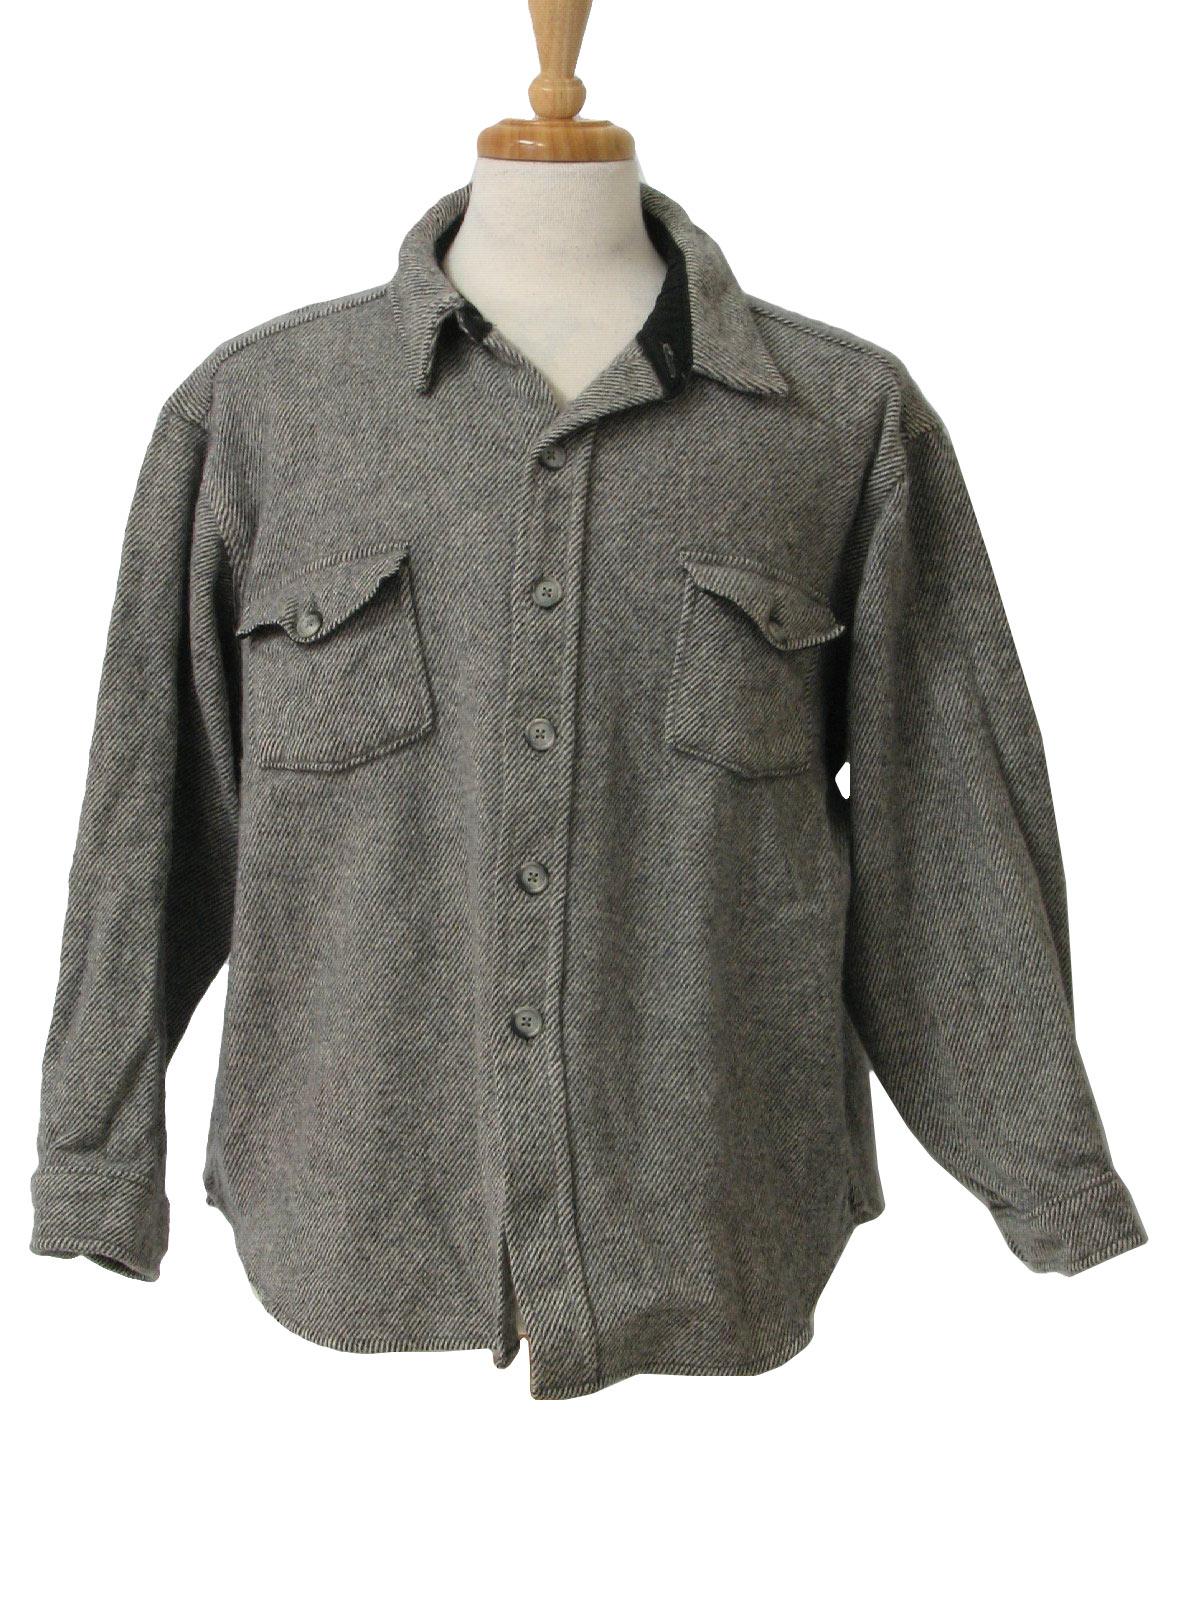 Vintage Woolrich Eighties Jacket: 80s -Woolrich- Mens black and